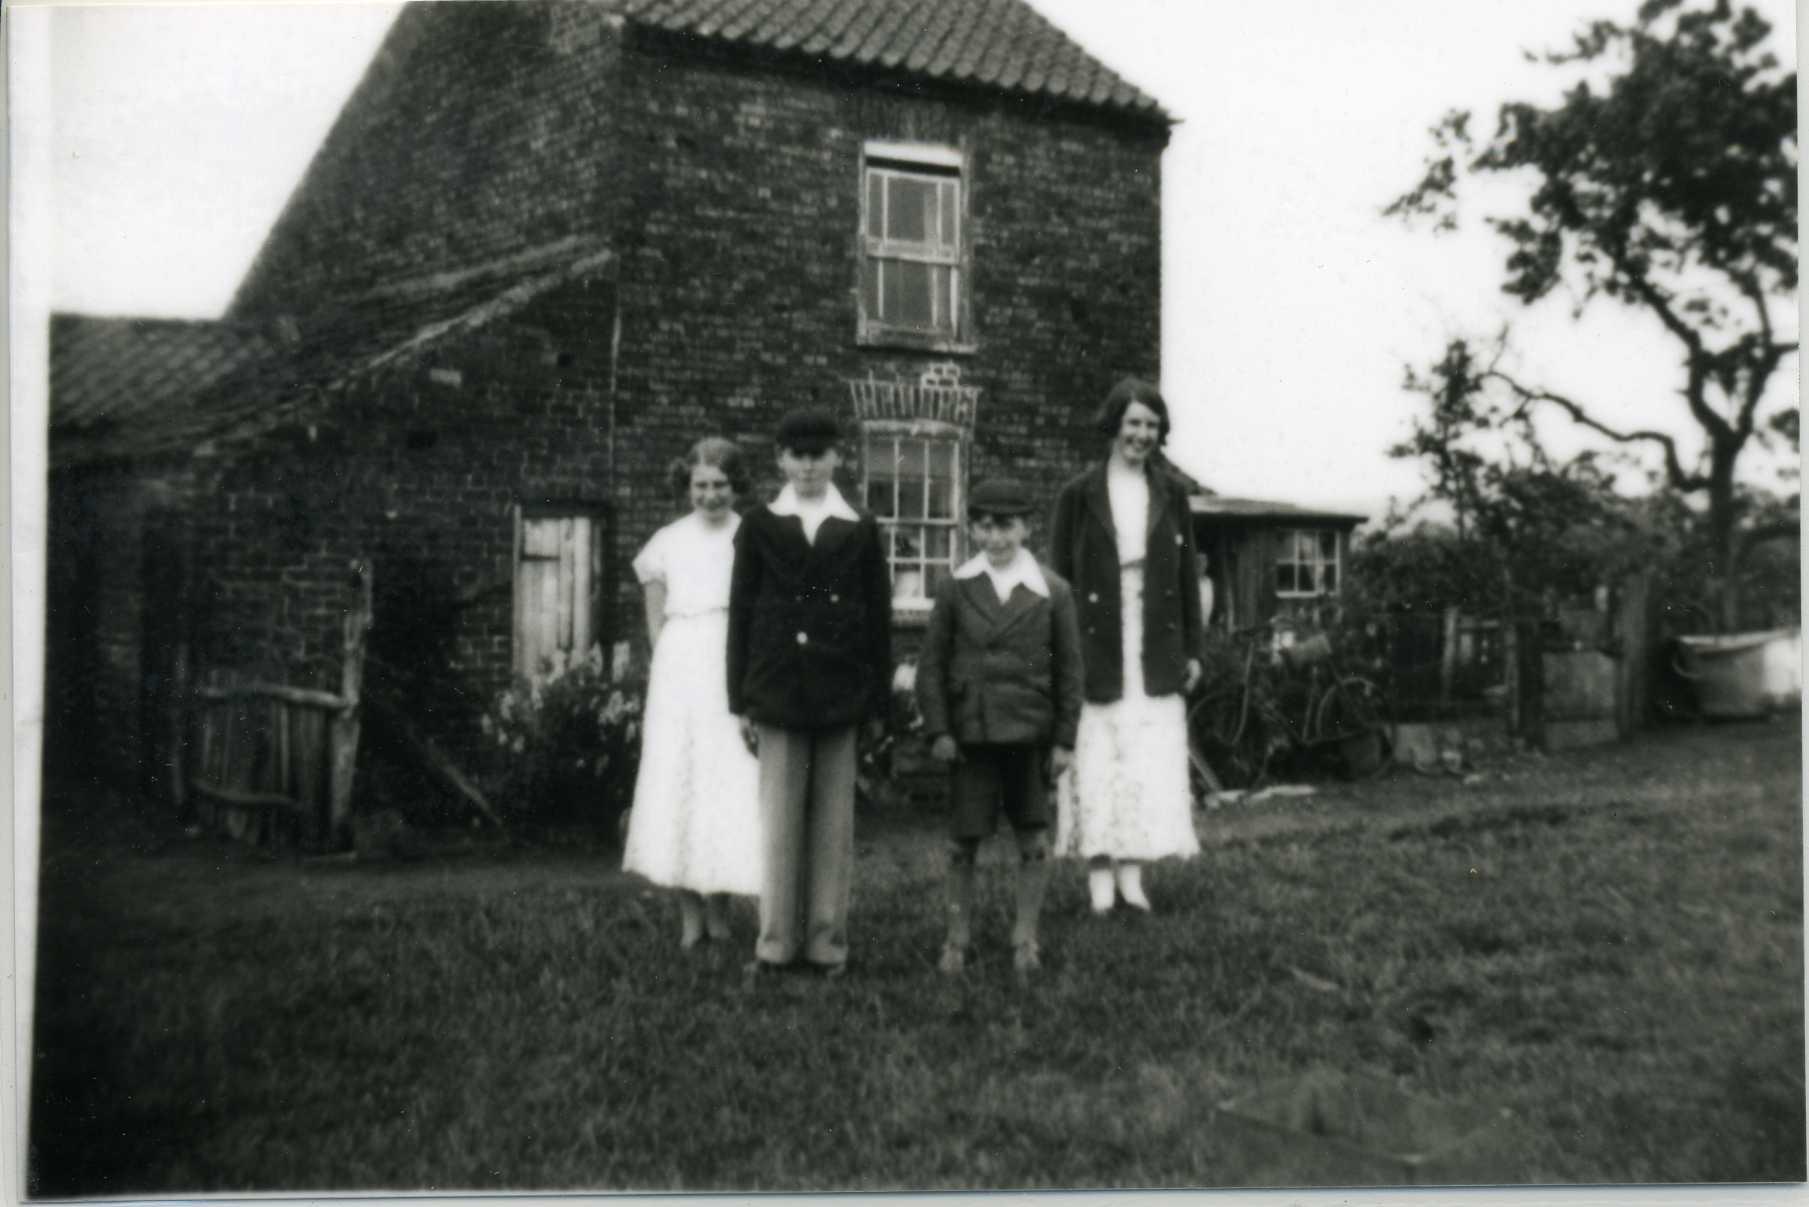 Moor Lane 1930s